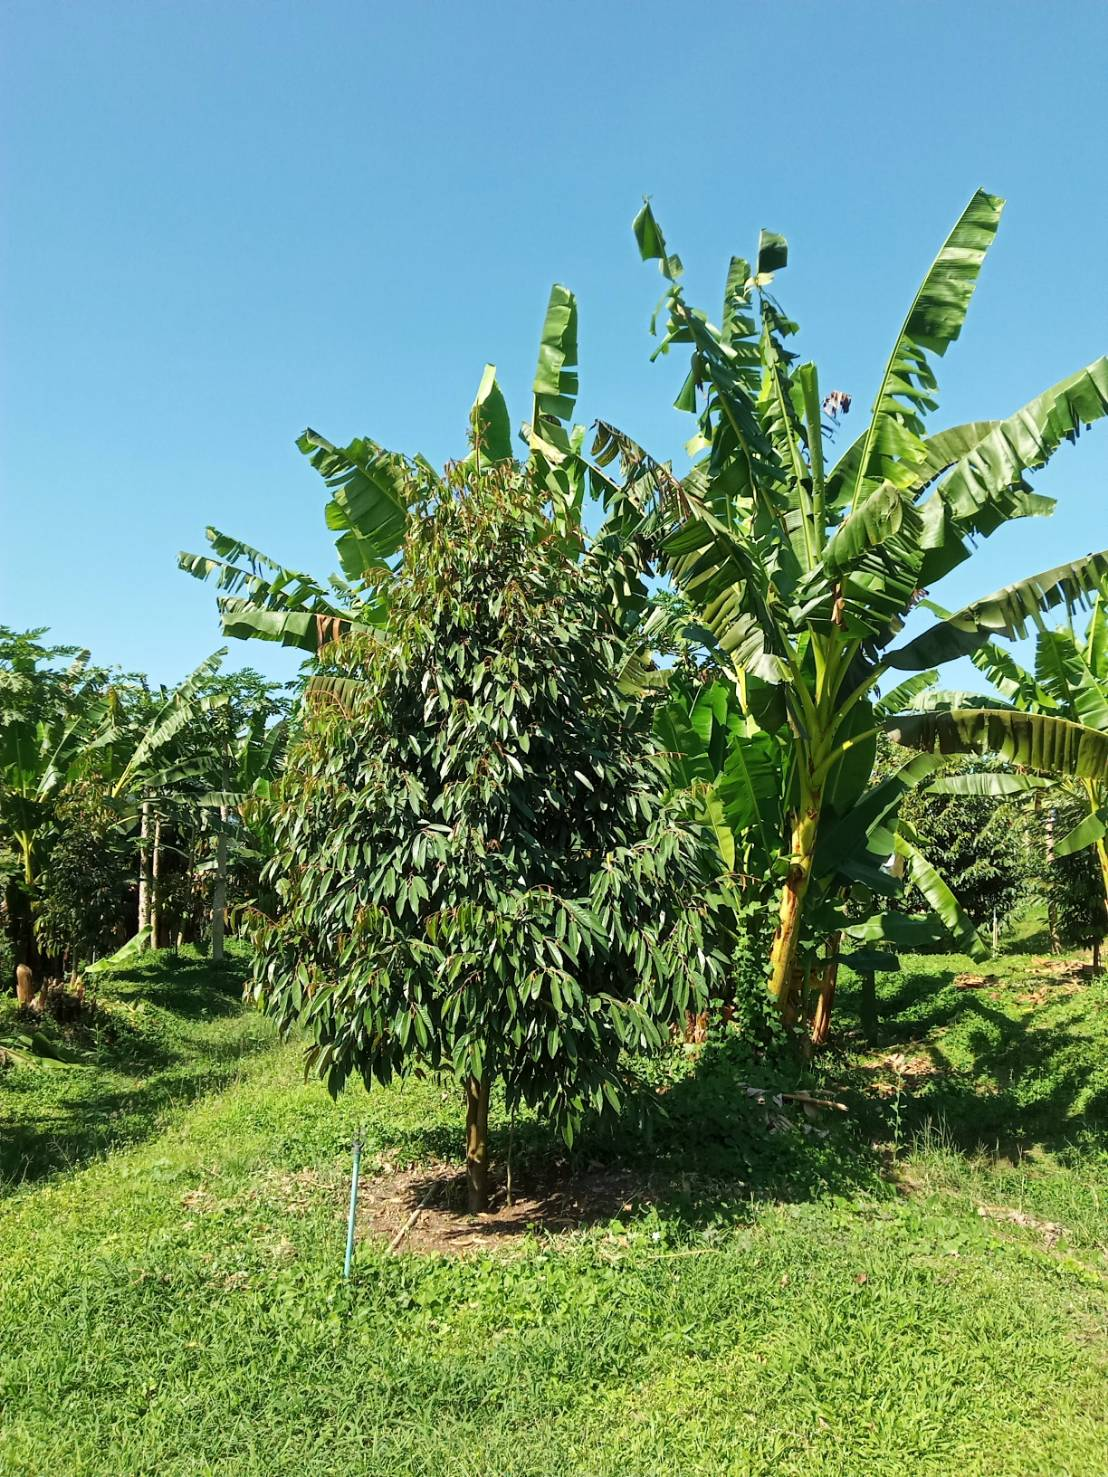 รูปแบบของสวนเกษตรผสมผสาน น่าจะเป็นทางเลือกที่ยั่งยืนของเกษตรกรไทย (ภาพล่าสุดในอีกแปลงหนึ่ง-ปลูกเมื่อปี 62)